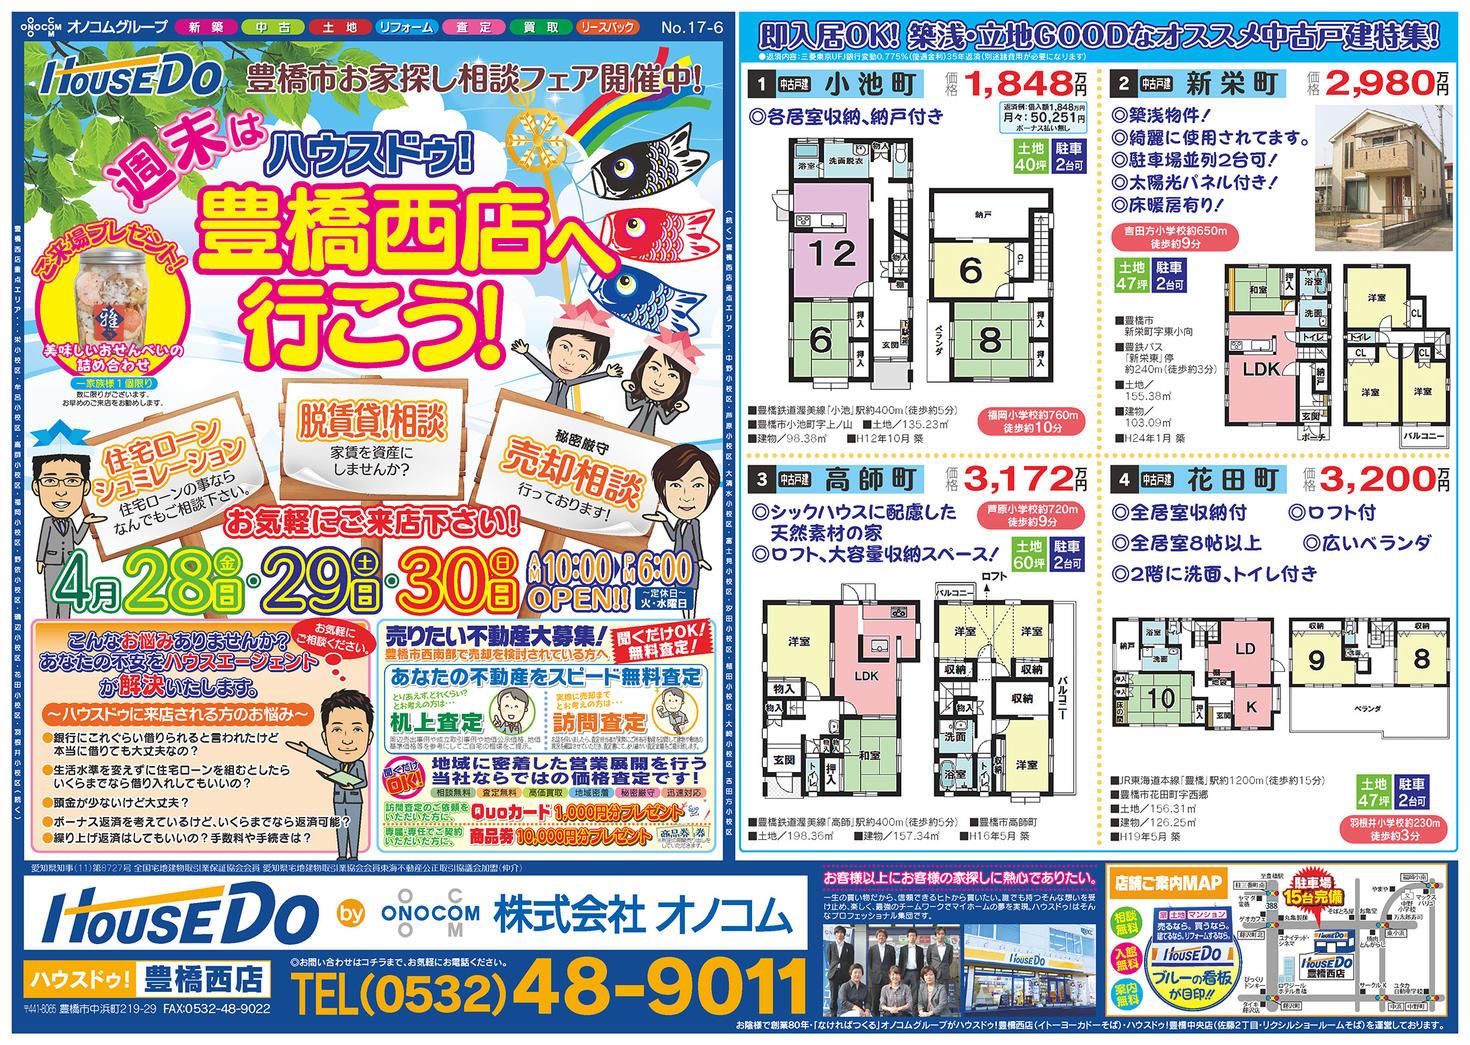 ☆☆豊橋西店 最新不動産チラシ 4月27日号☆☆